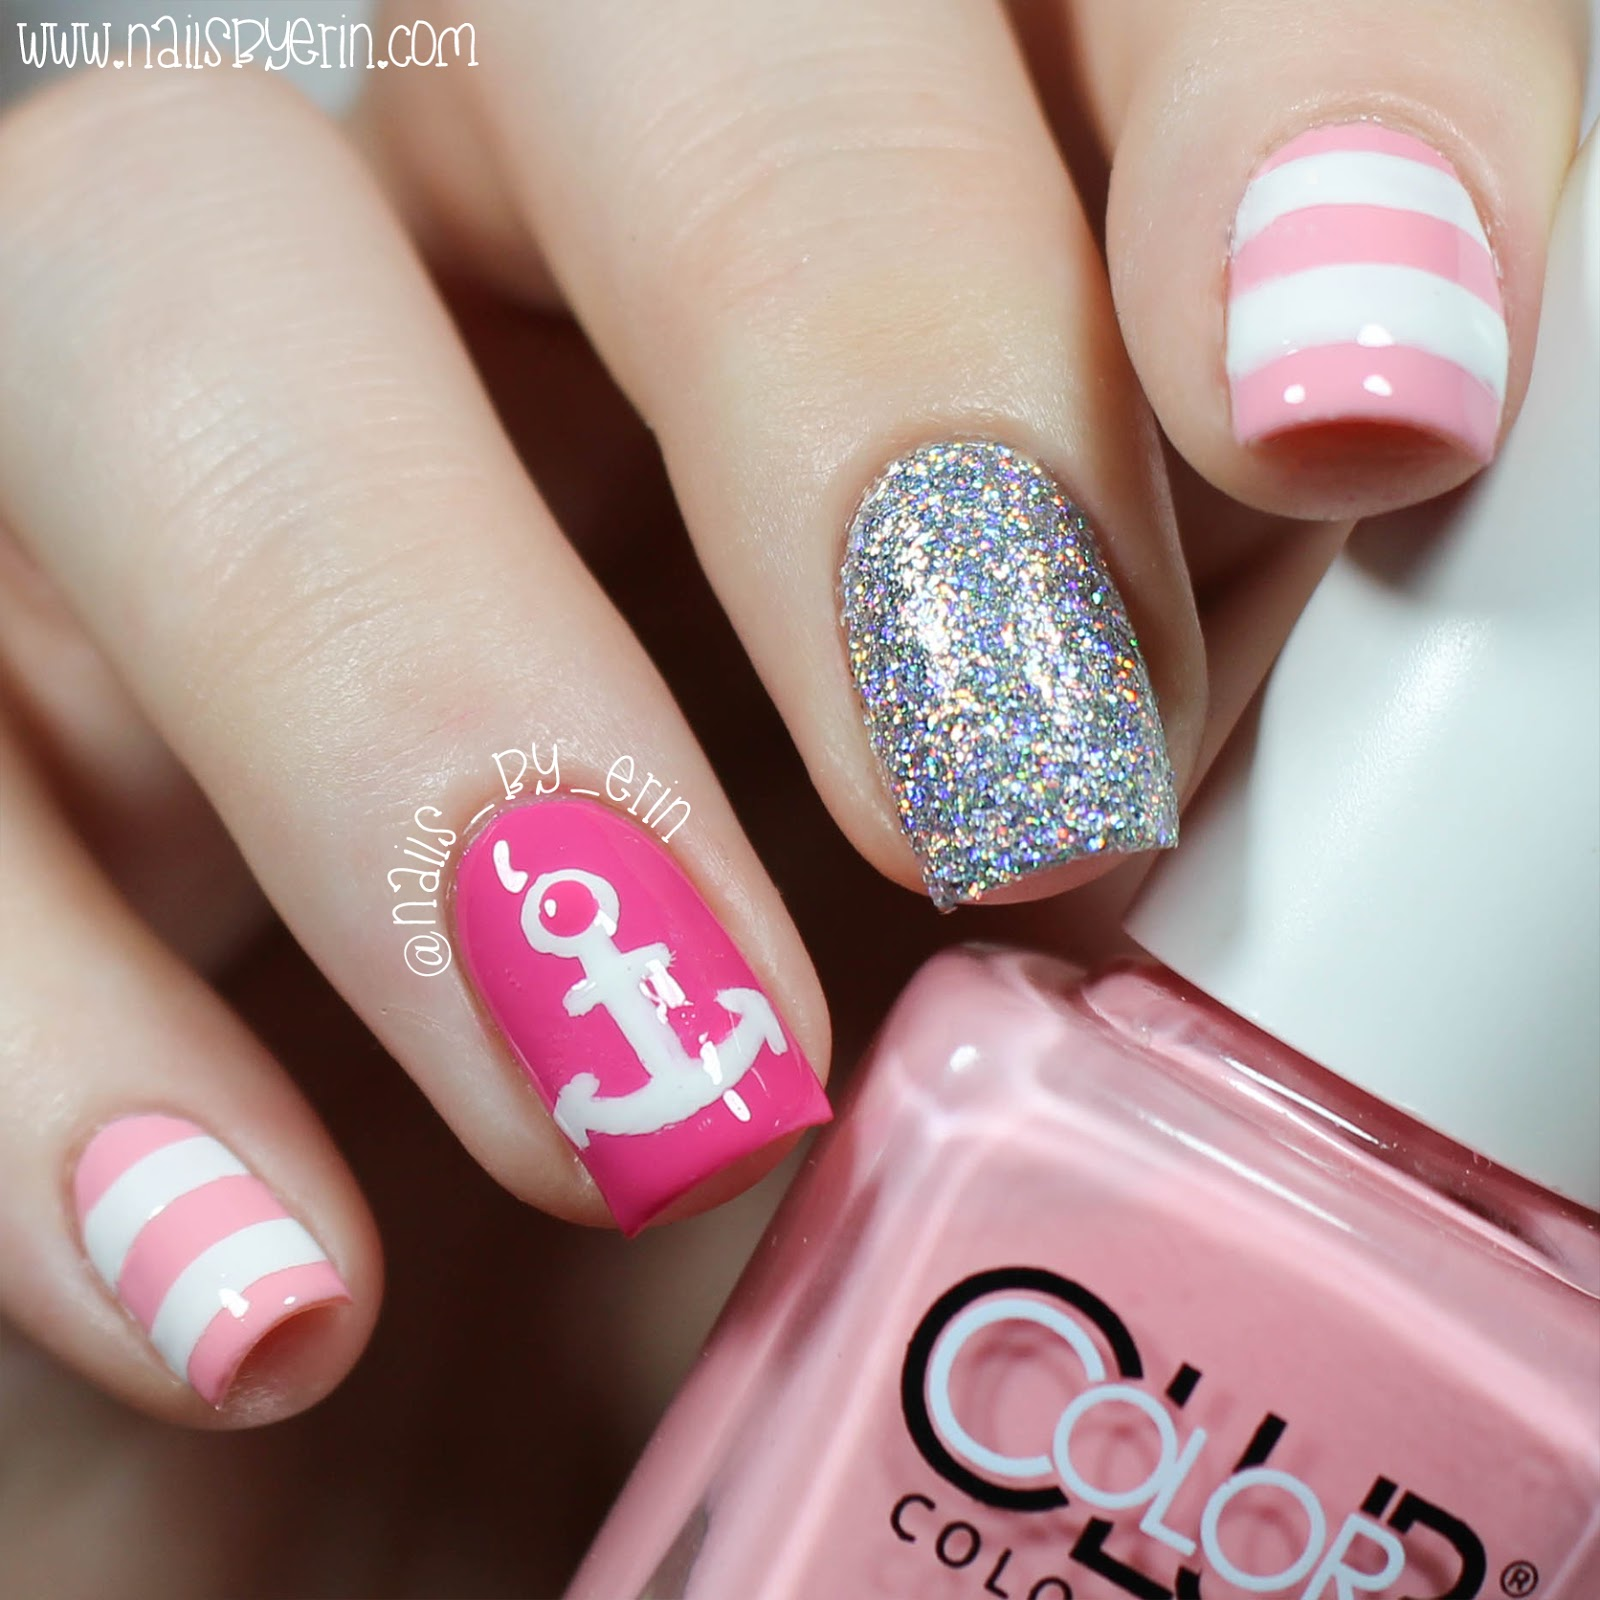 Nail Art Tutorial Nautical Nail Art Using Cuccio: NailsByErin: Pink Nautical Nails